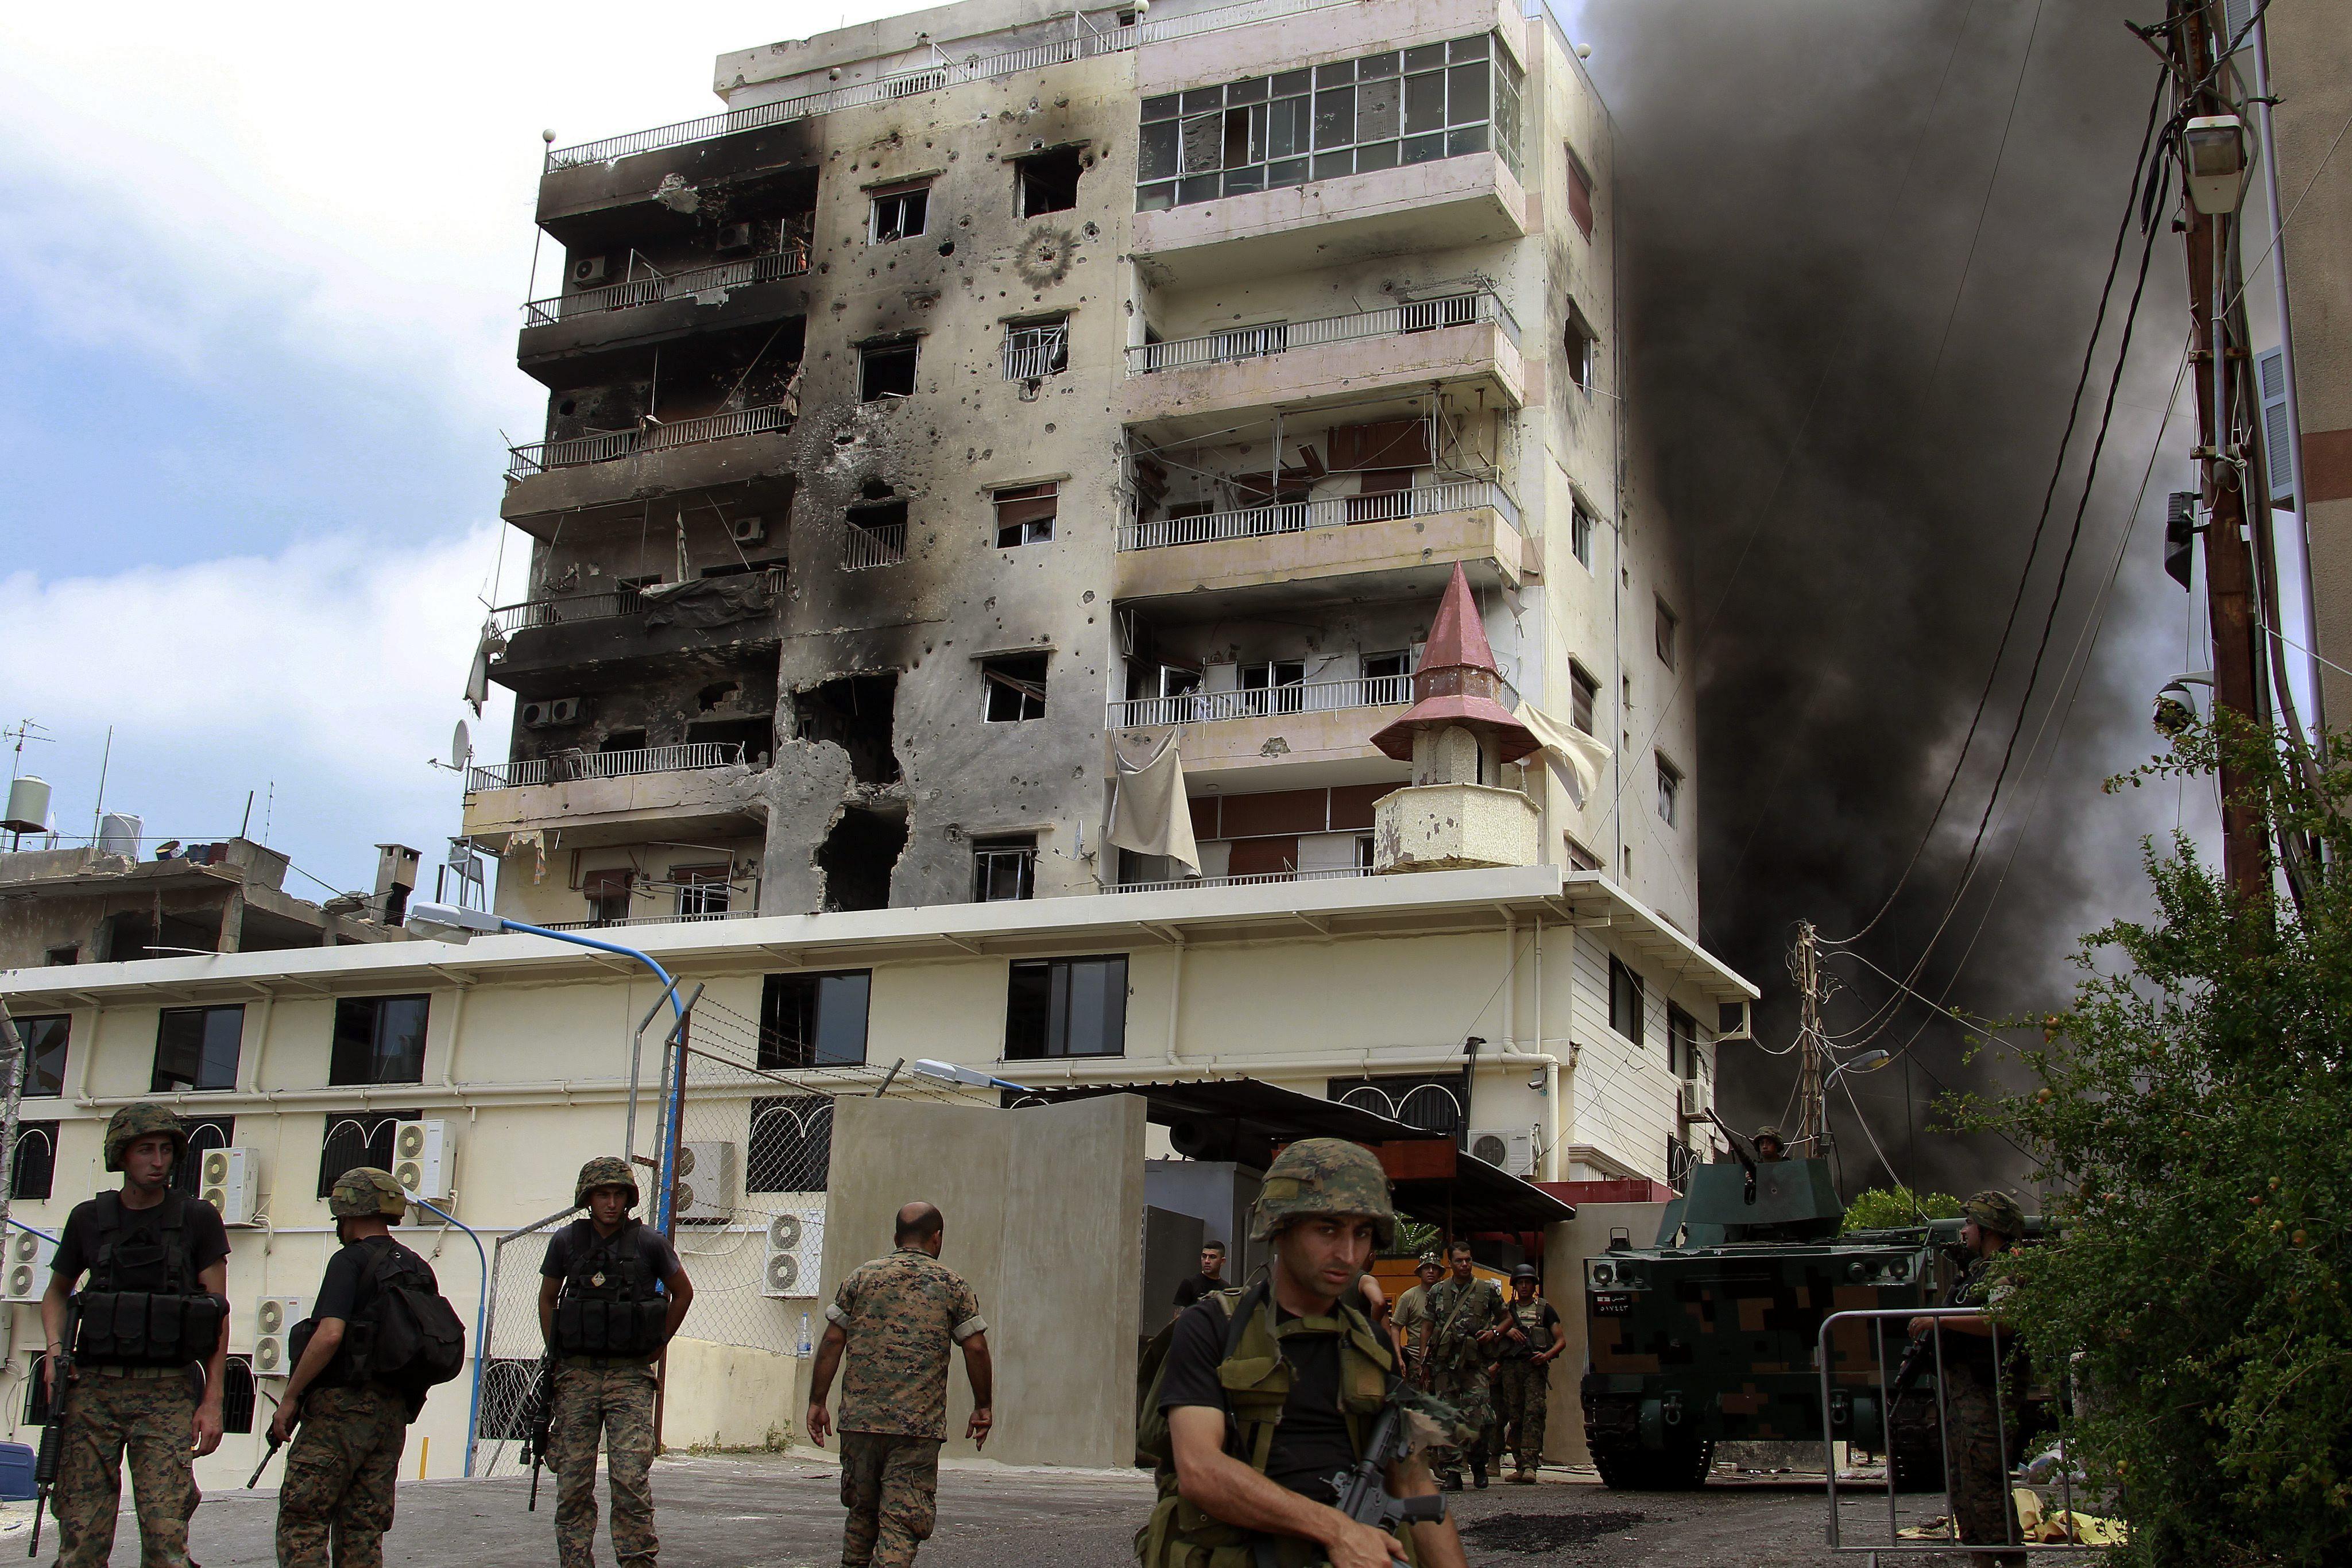 La fiscalía militar pide a Inteligencia castrense investigar los choques en Sidón